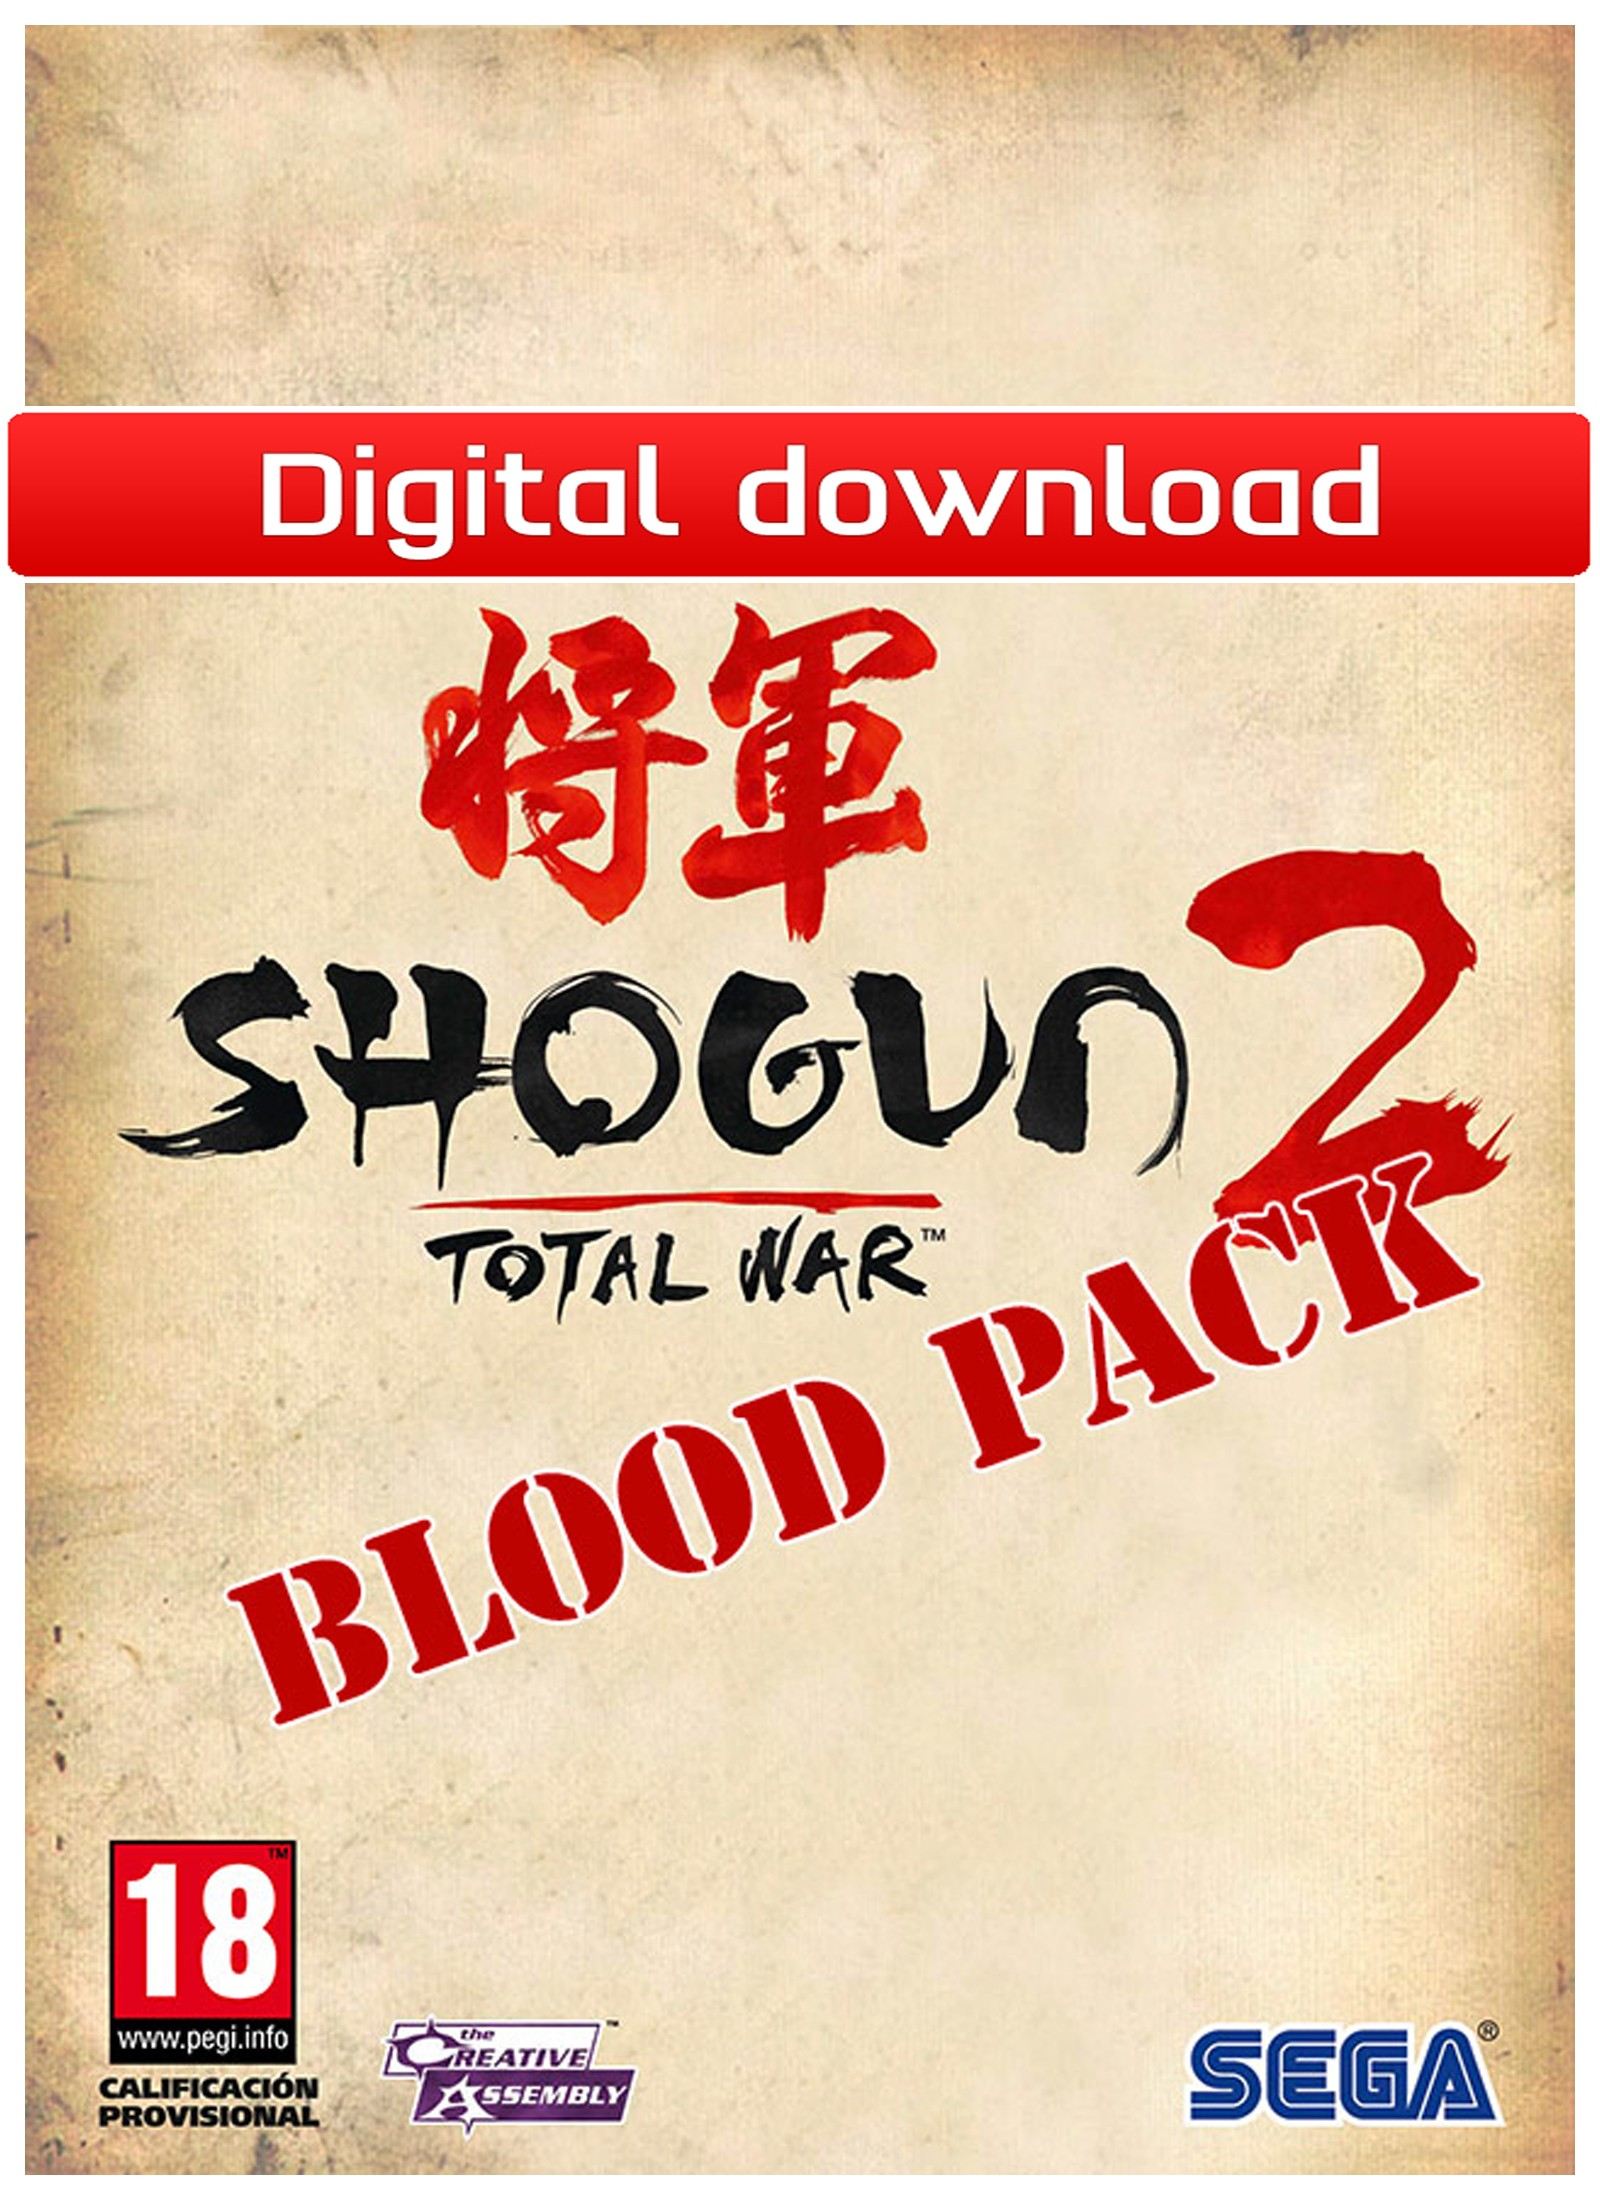 28209 : Total War: Shogun 2: Blood Pack (PC nedlastning)